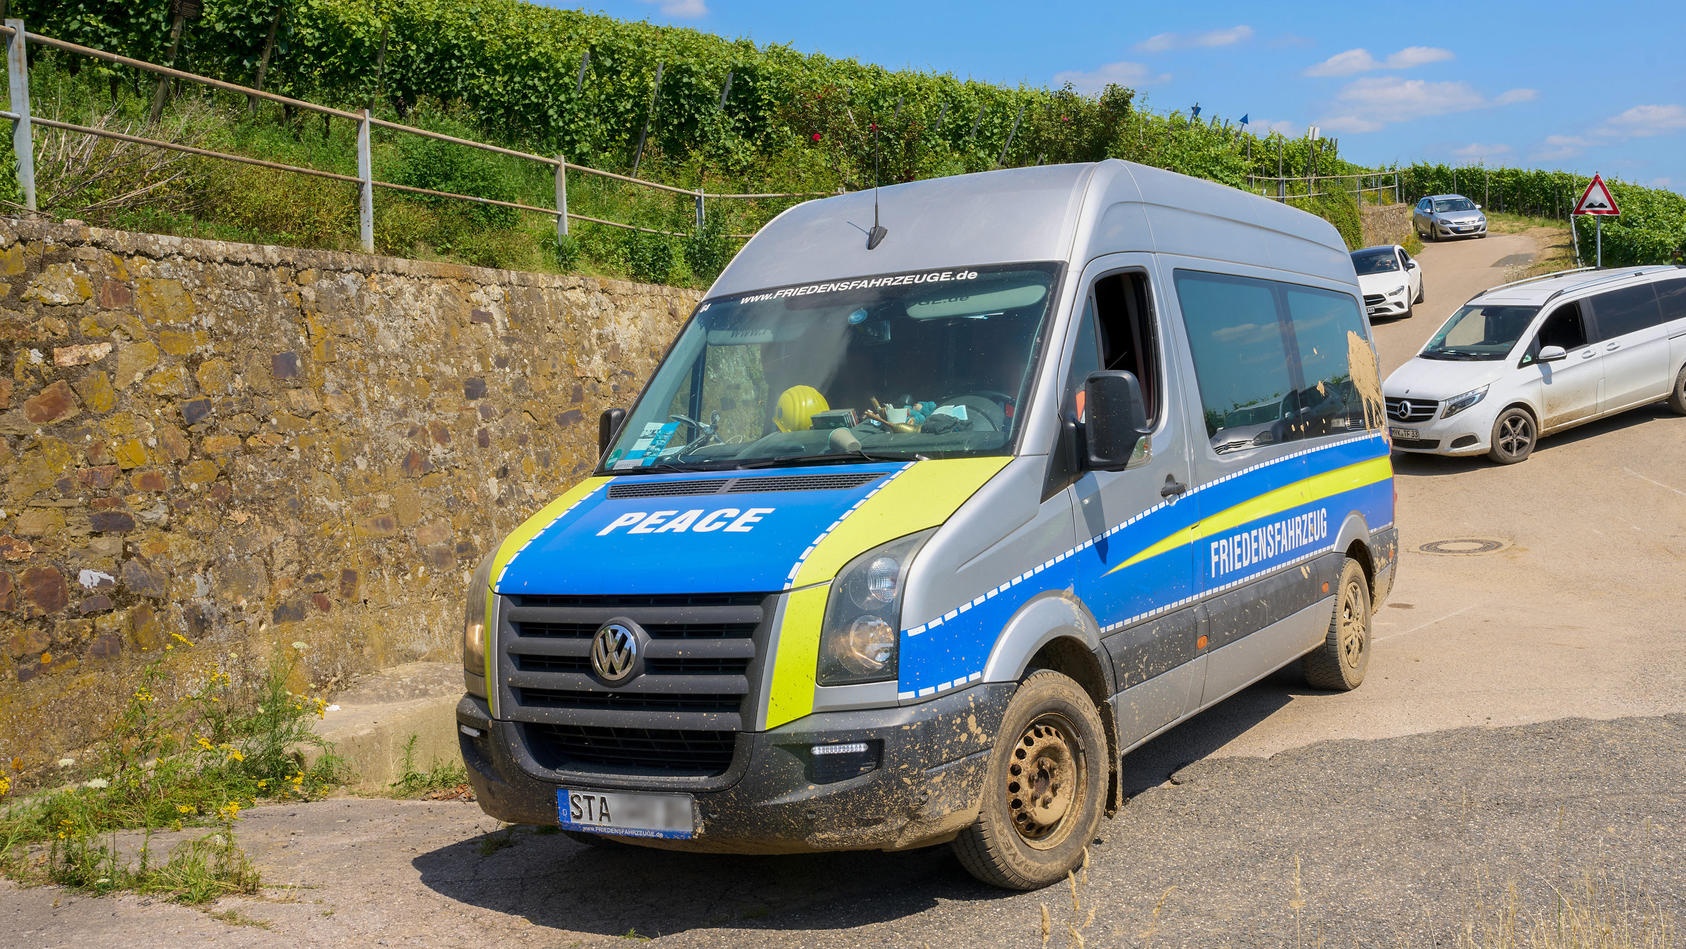 """Ein polizeiähnlicher Wagenmit der Aufschrift """"Friedensfahrzeug"""" bewege sich im Katastrophengebiet an der Ahr und verbreite Falschmeldungen."""